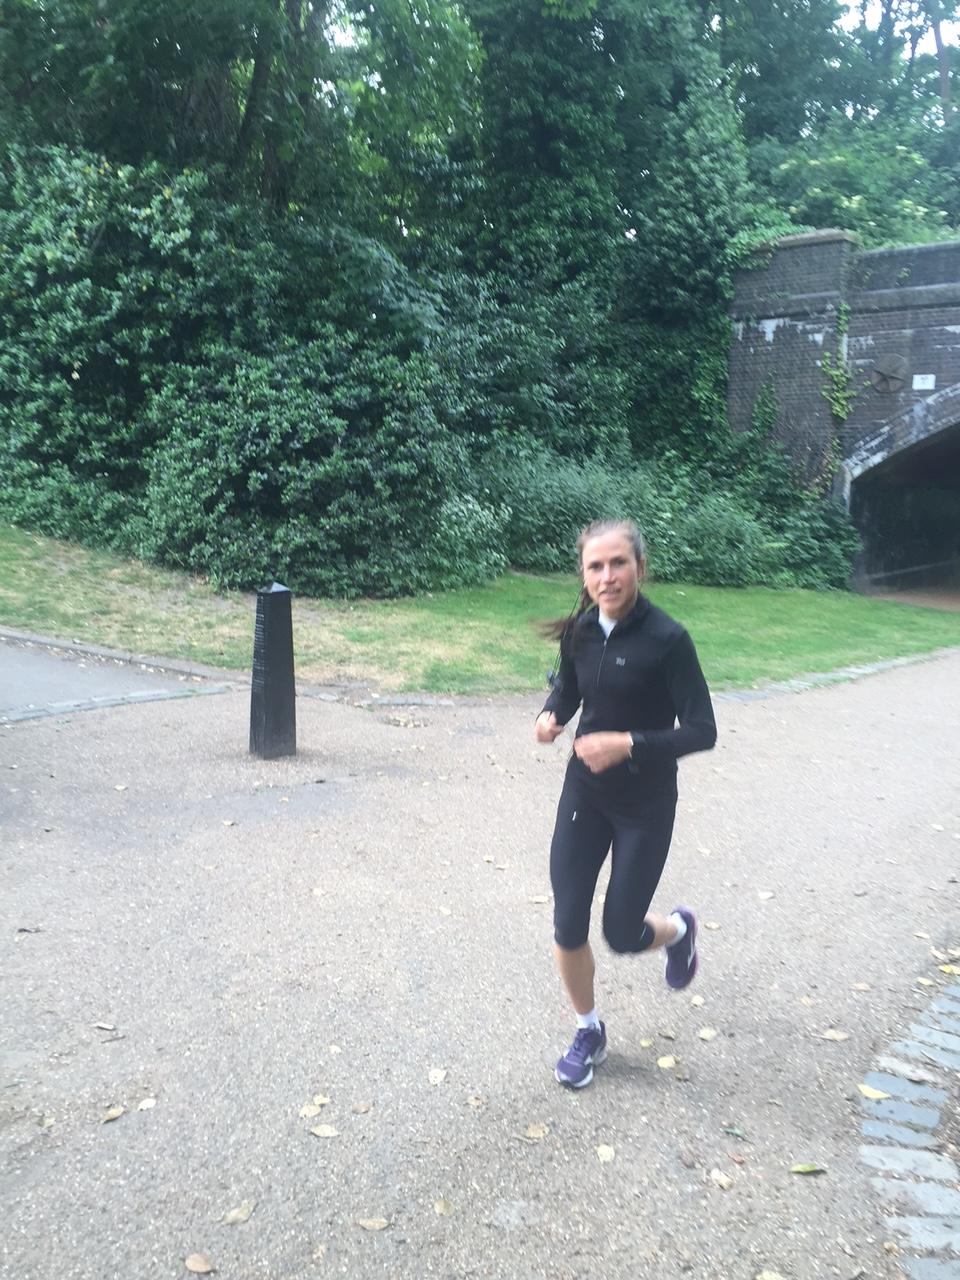 Lise mitti sitt återhämtnings jogg 60-65 % Max